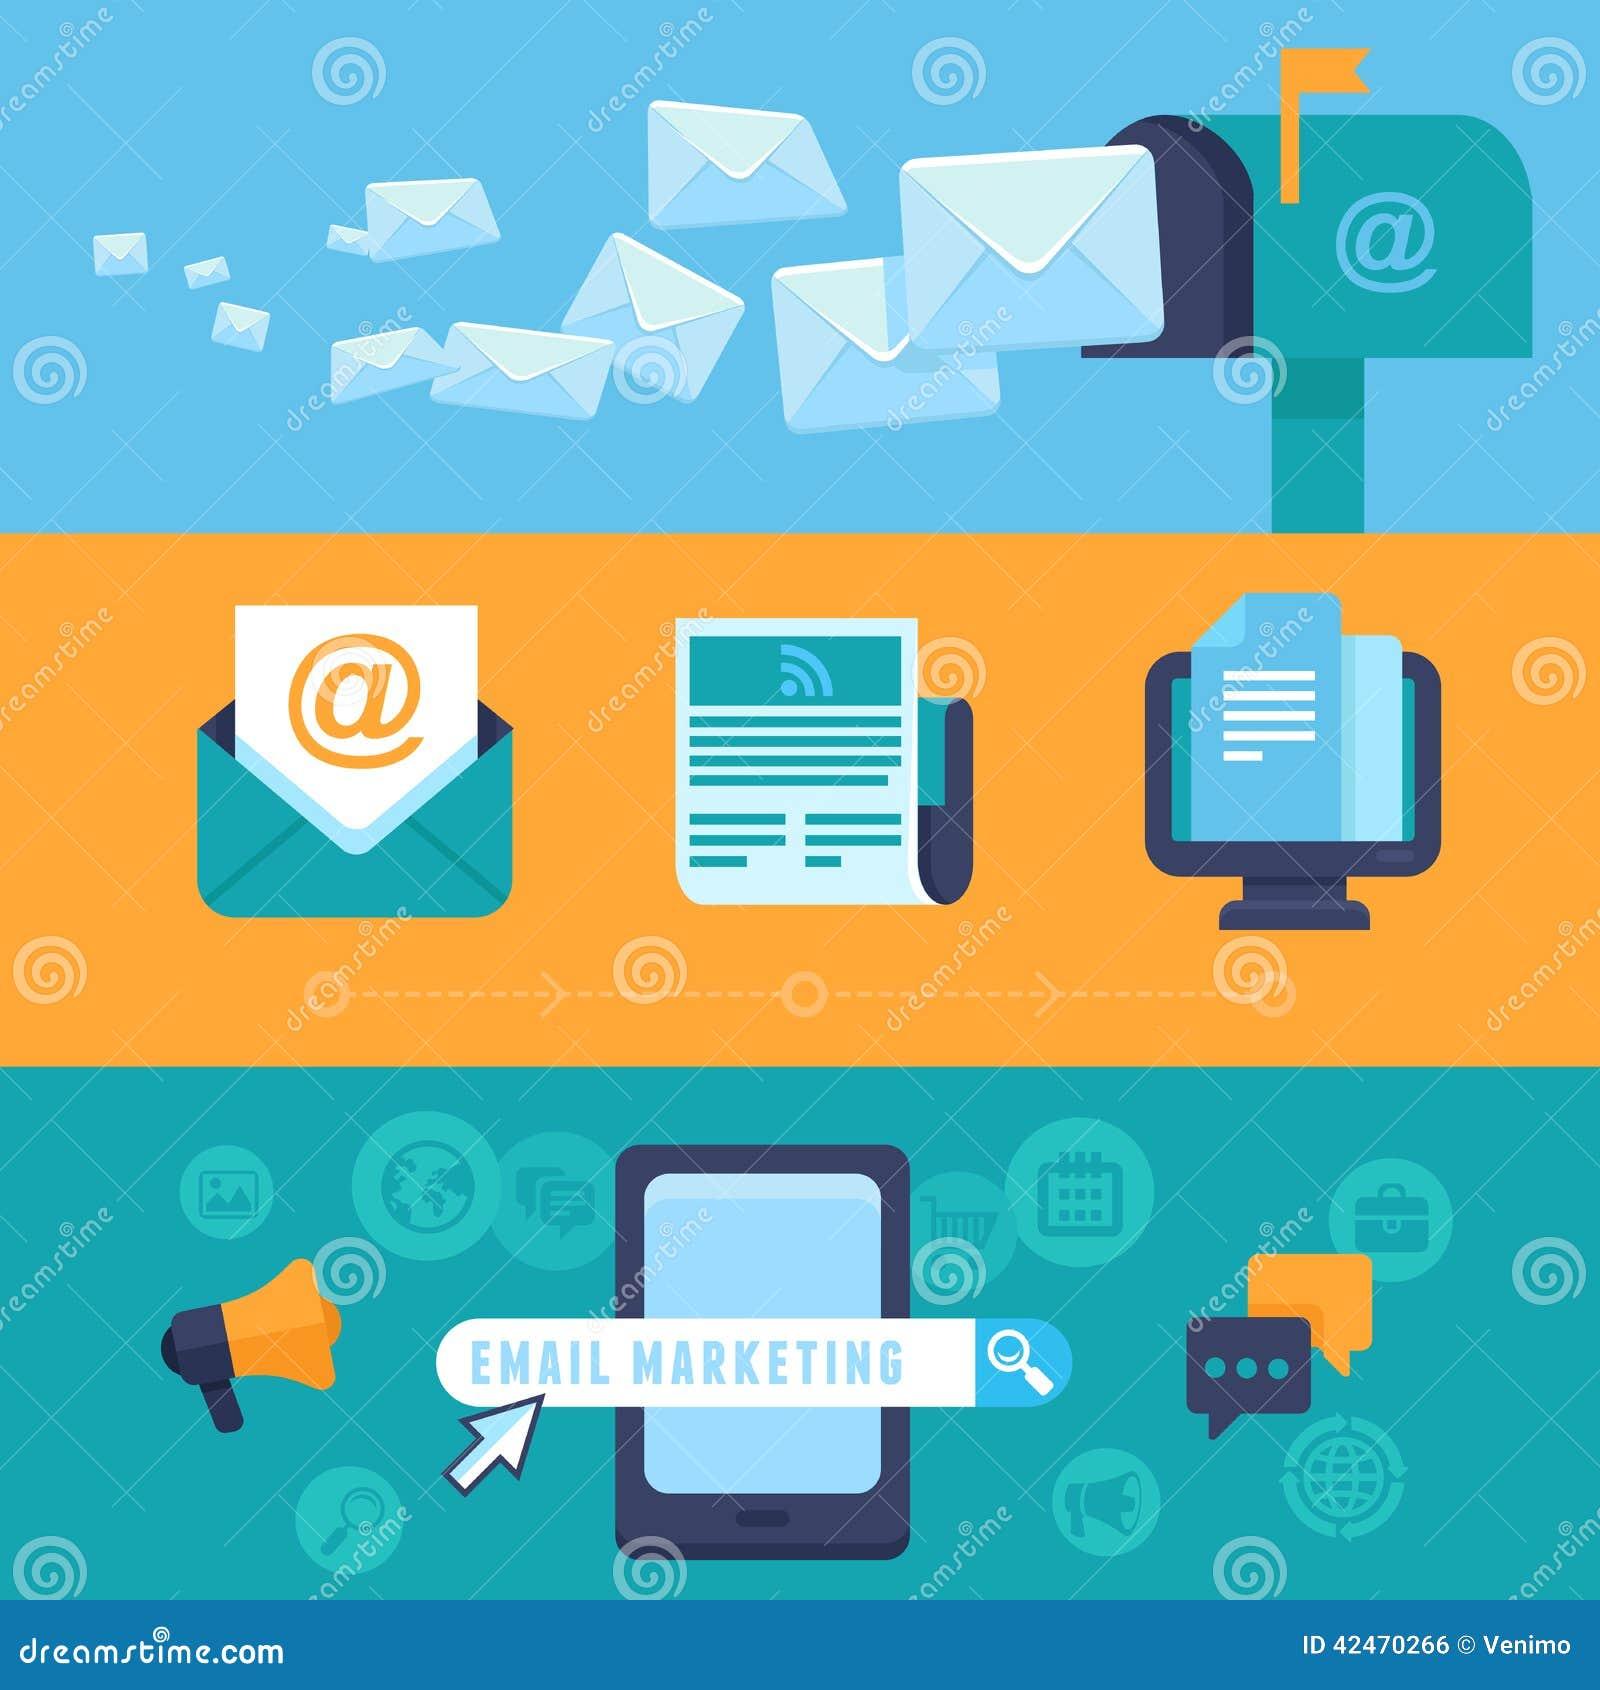 Vektor-E-Mail-Marketing-Konzepte - flache Ikonen